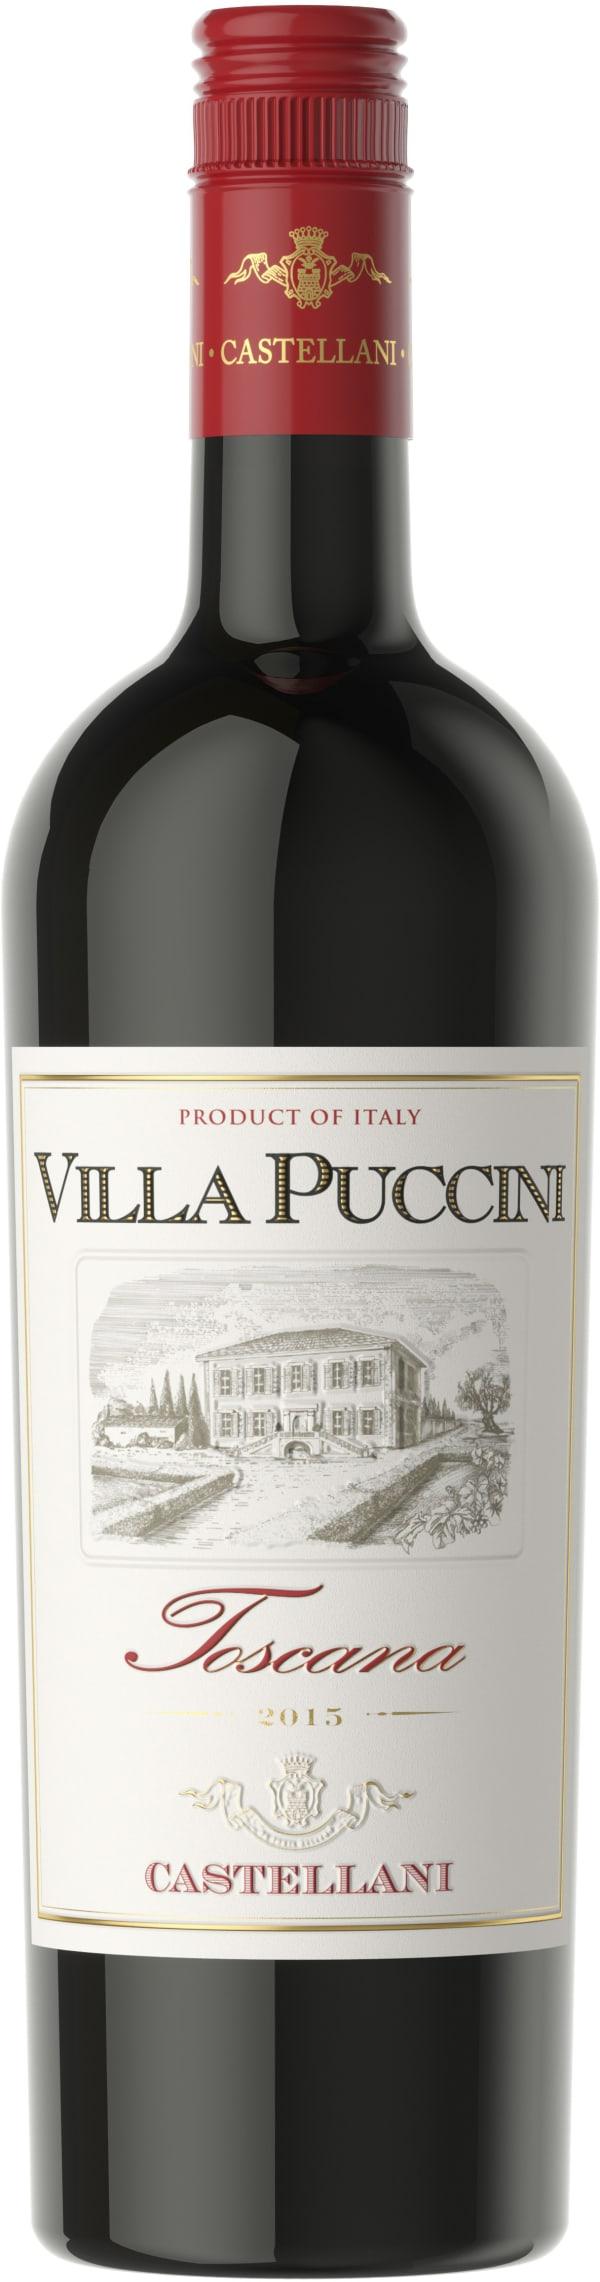 Villa Puccini Toscana 2015